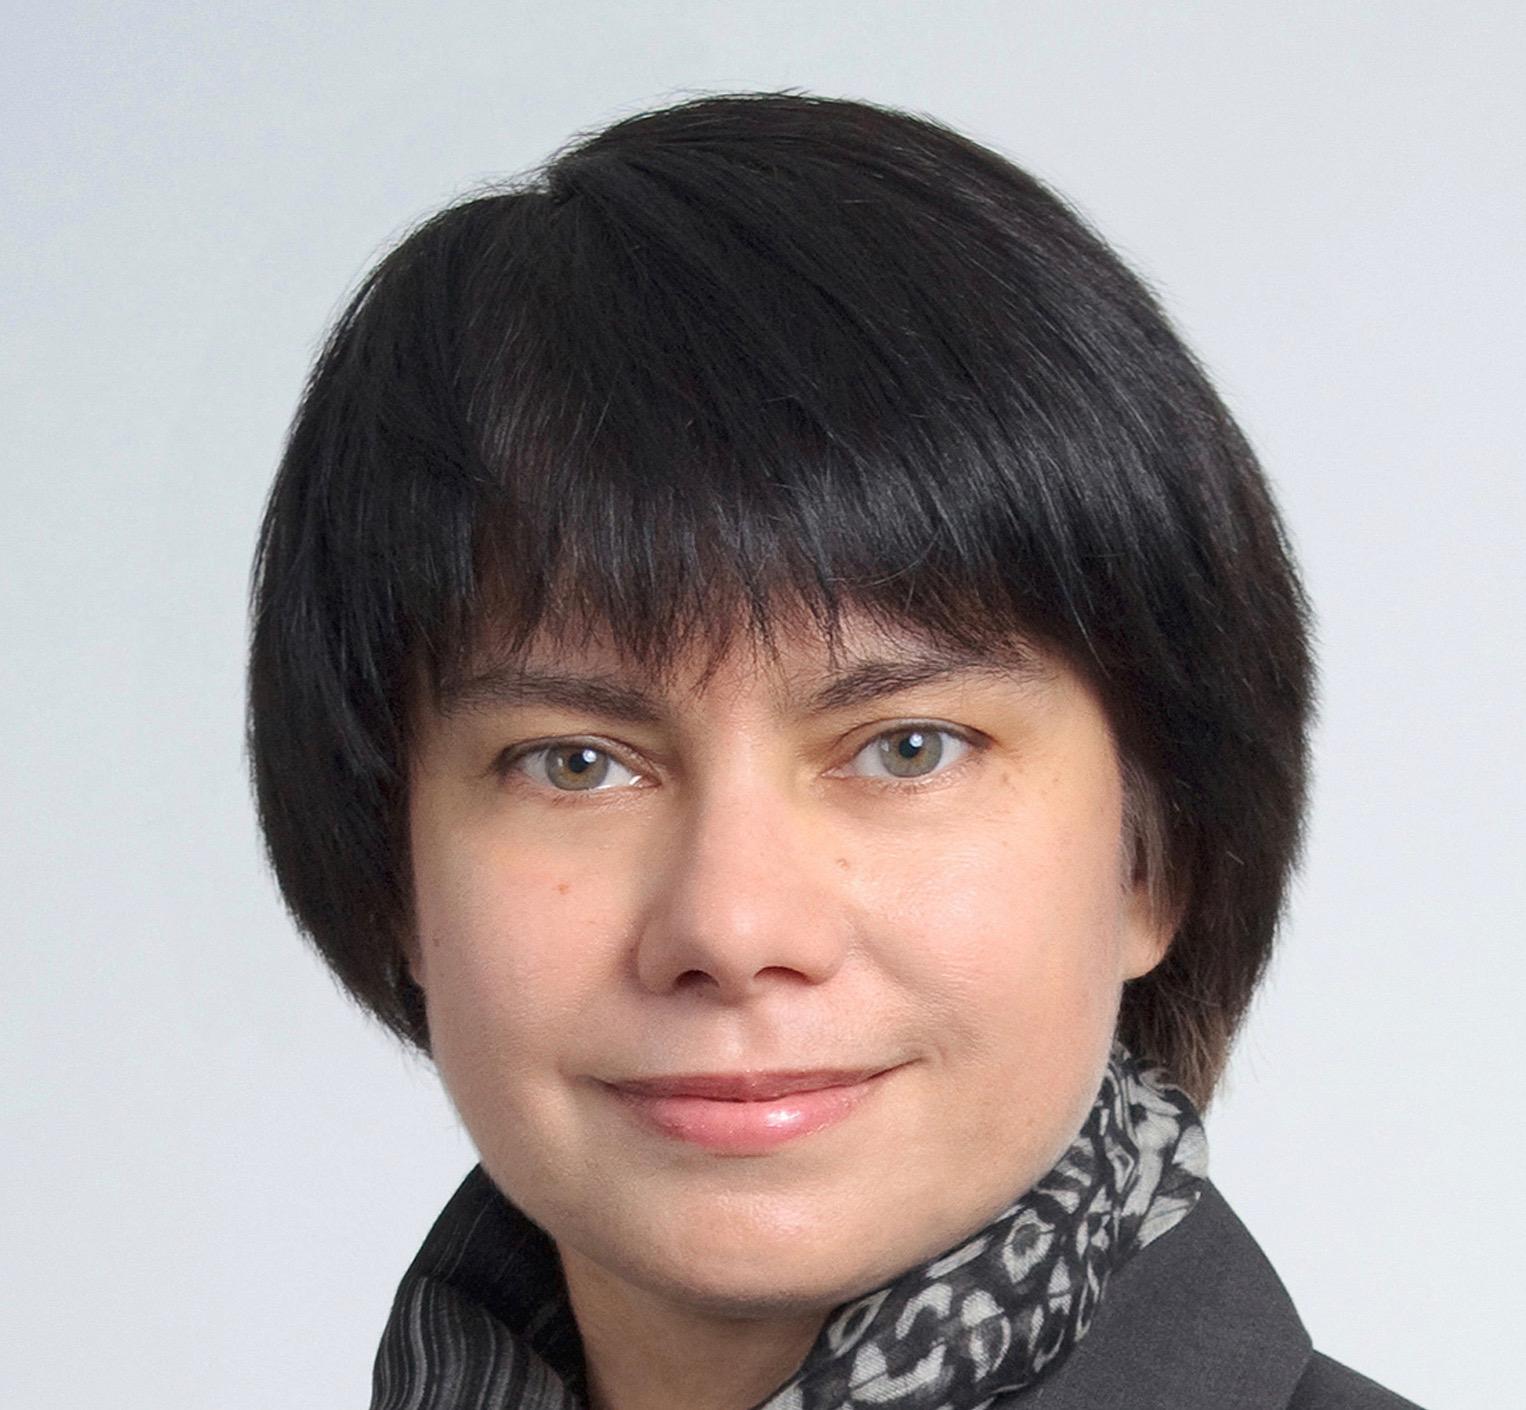 Татьяна Белоусова, руководитель продаж и маркетинга